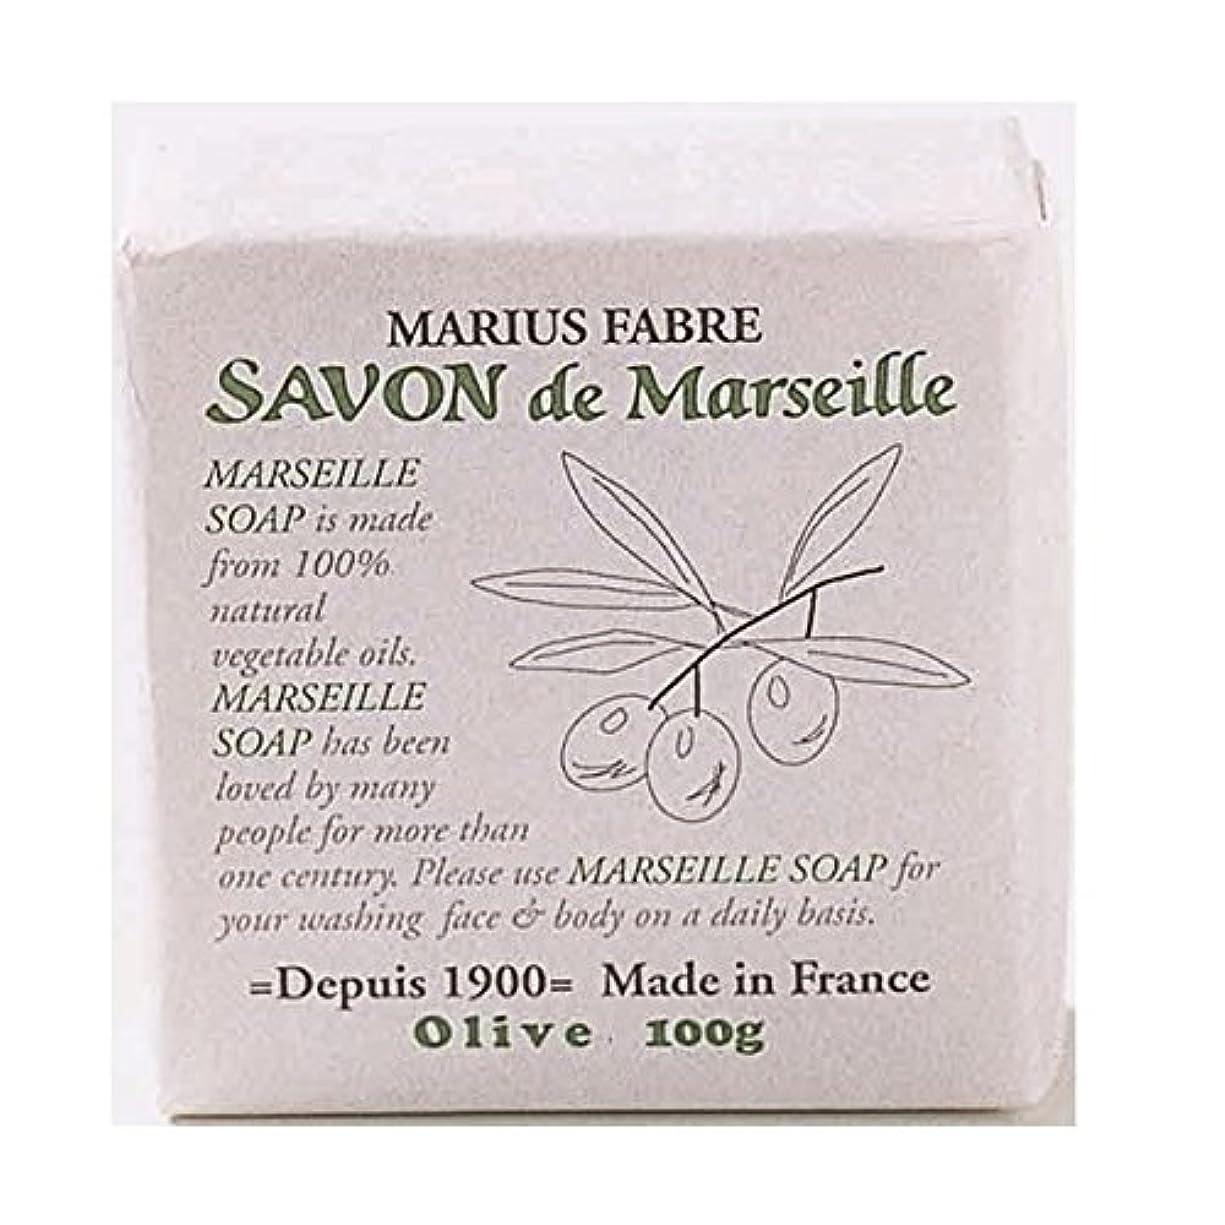 日常的に貫入発行サボンドマルセイユ 無香料 オリーブ石鹸 100g 6個セット マリウスファーブル